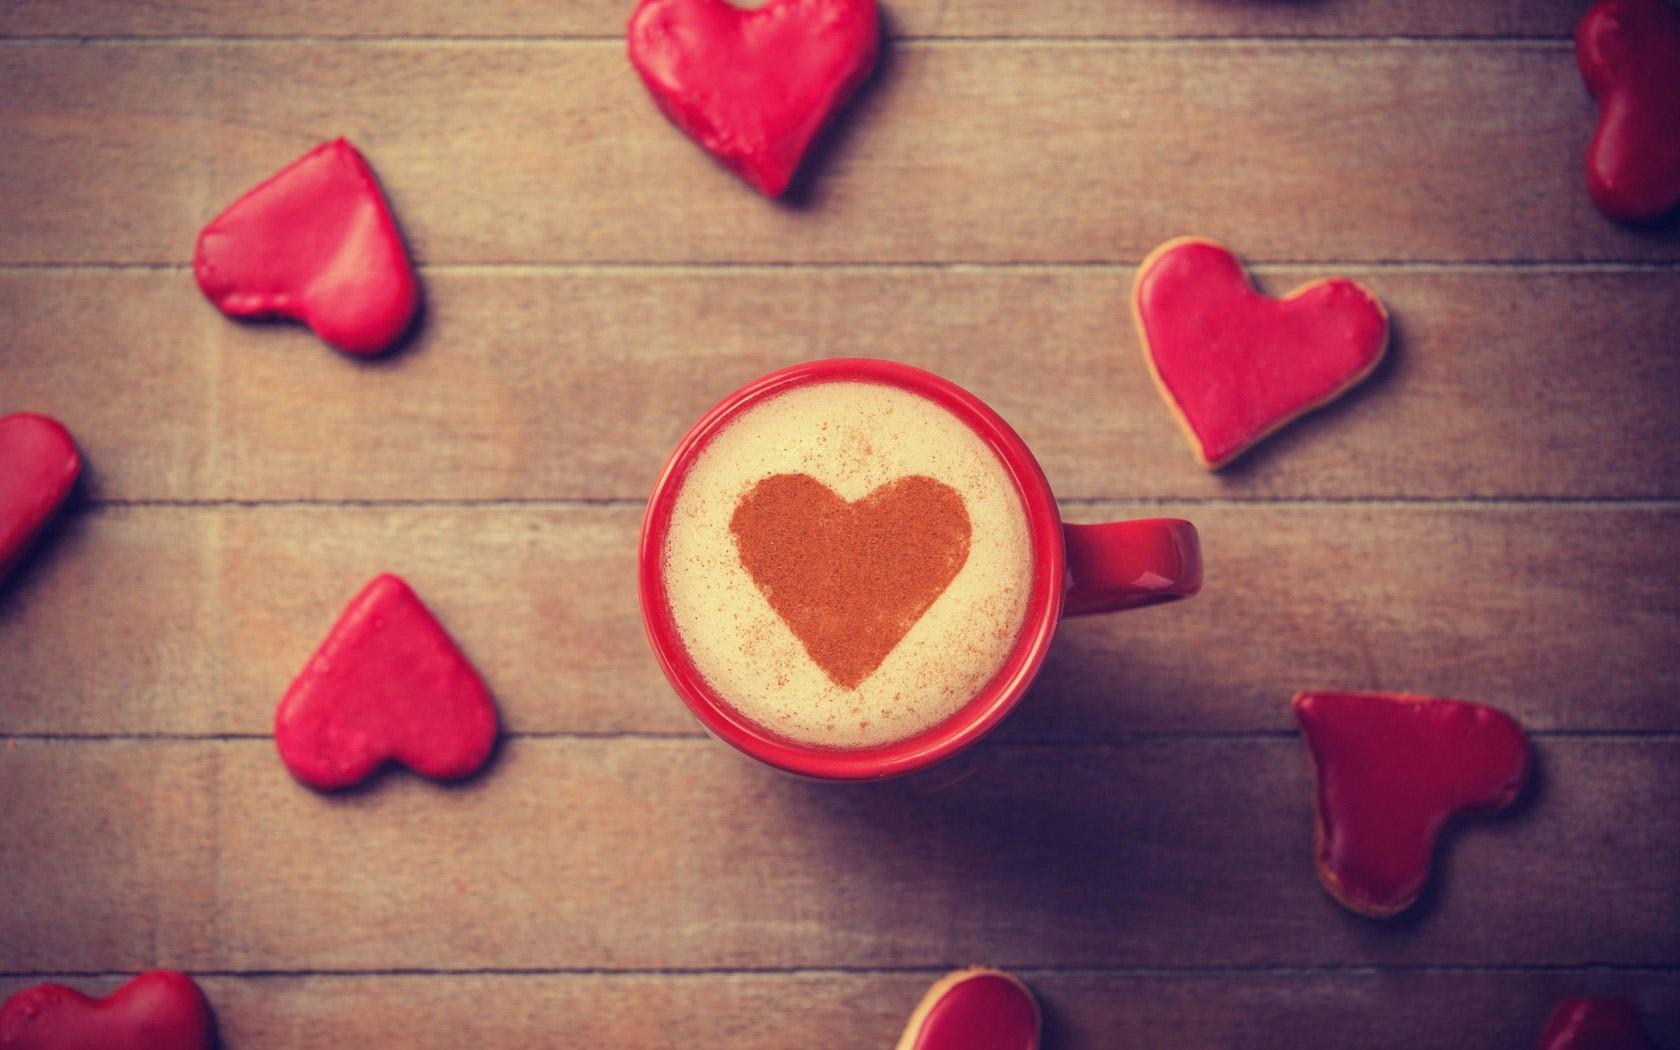 Ảnh avatar cốc cà phê tình yêu